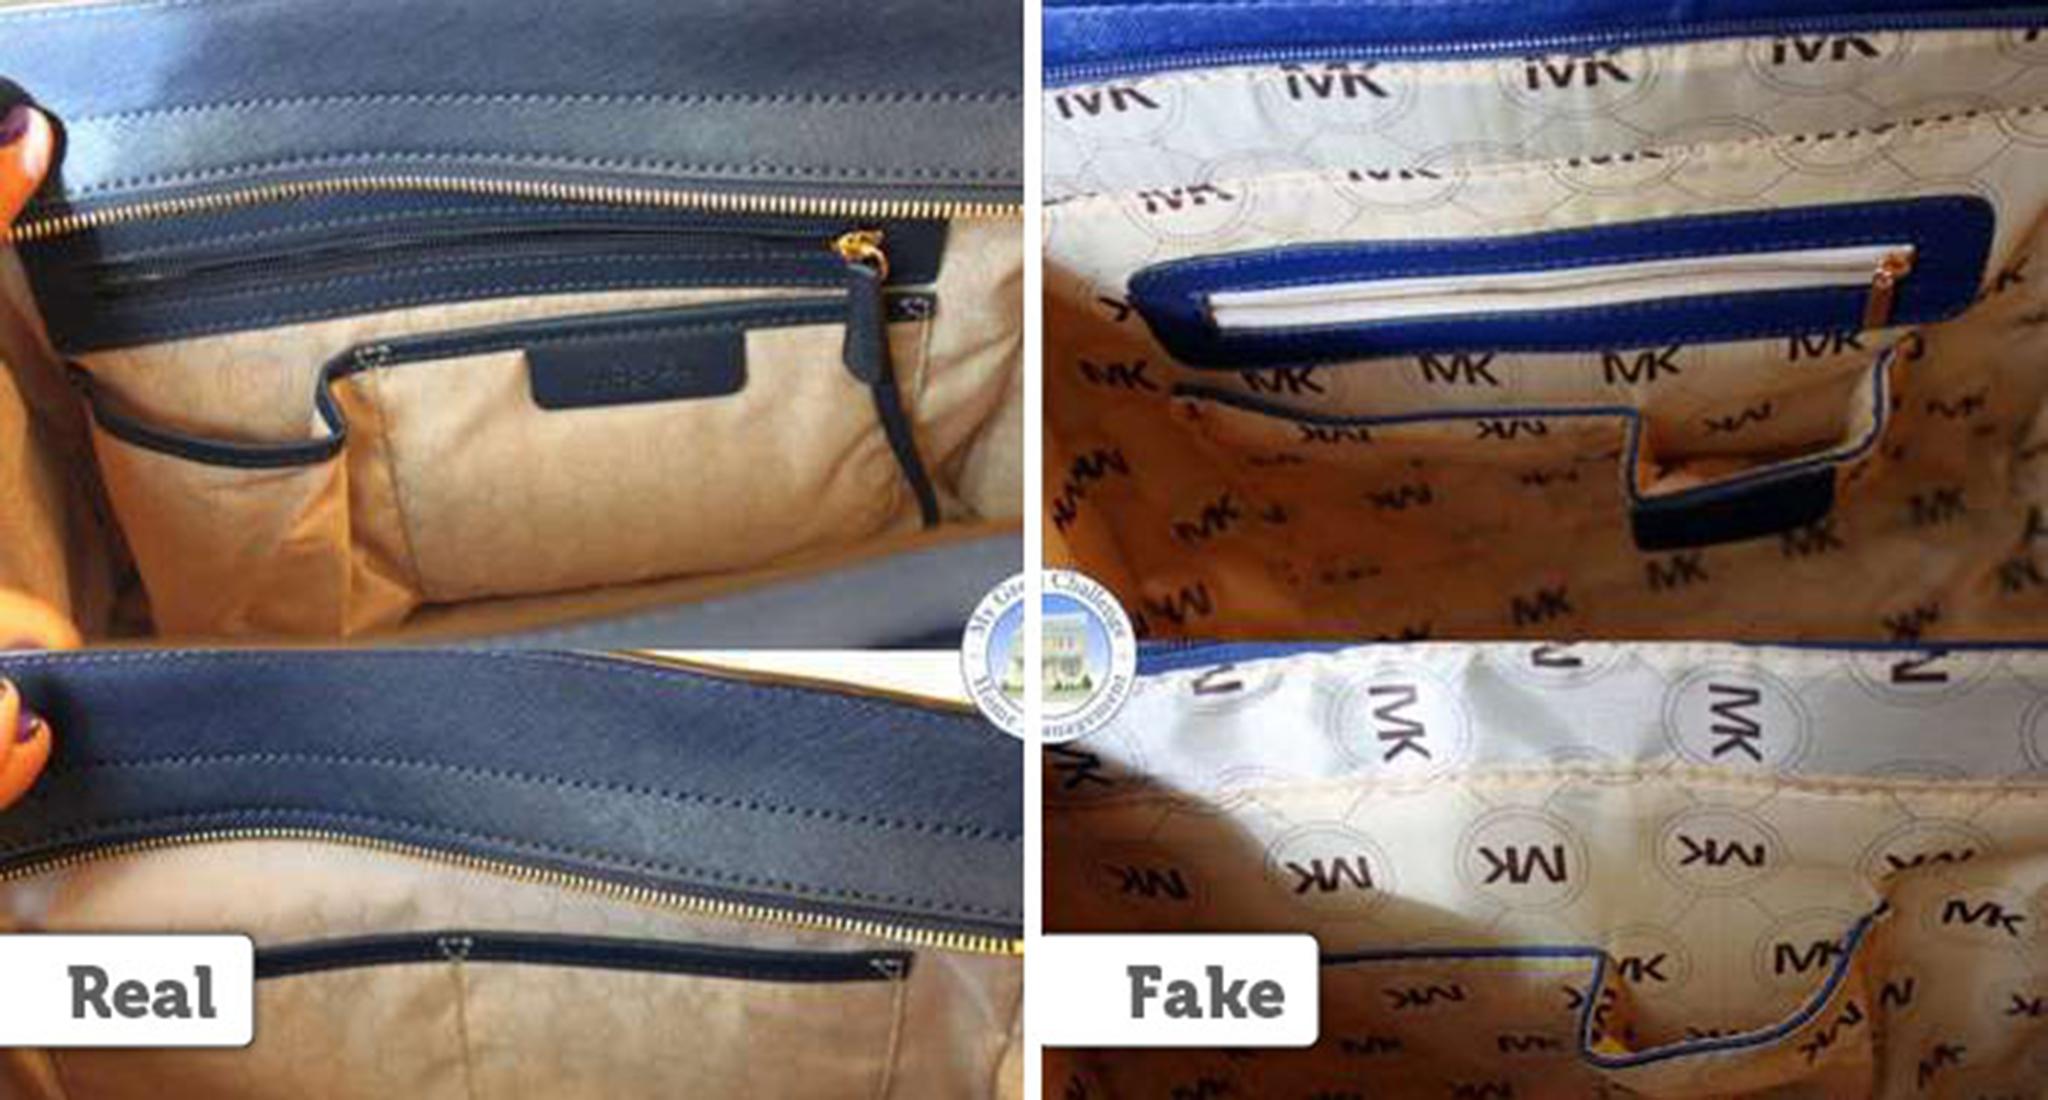 Kors Inside Michael Original Bag w8kn0PO